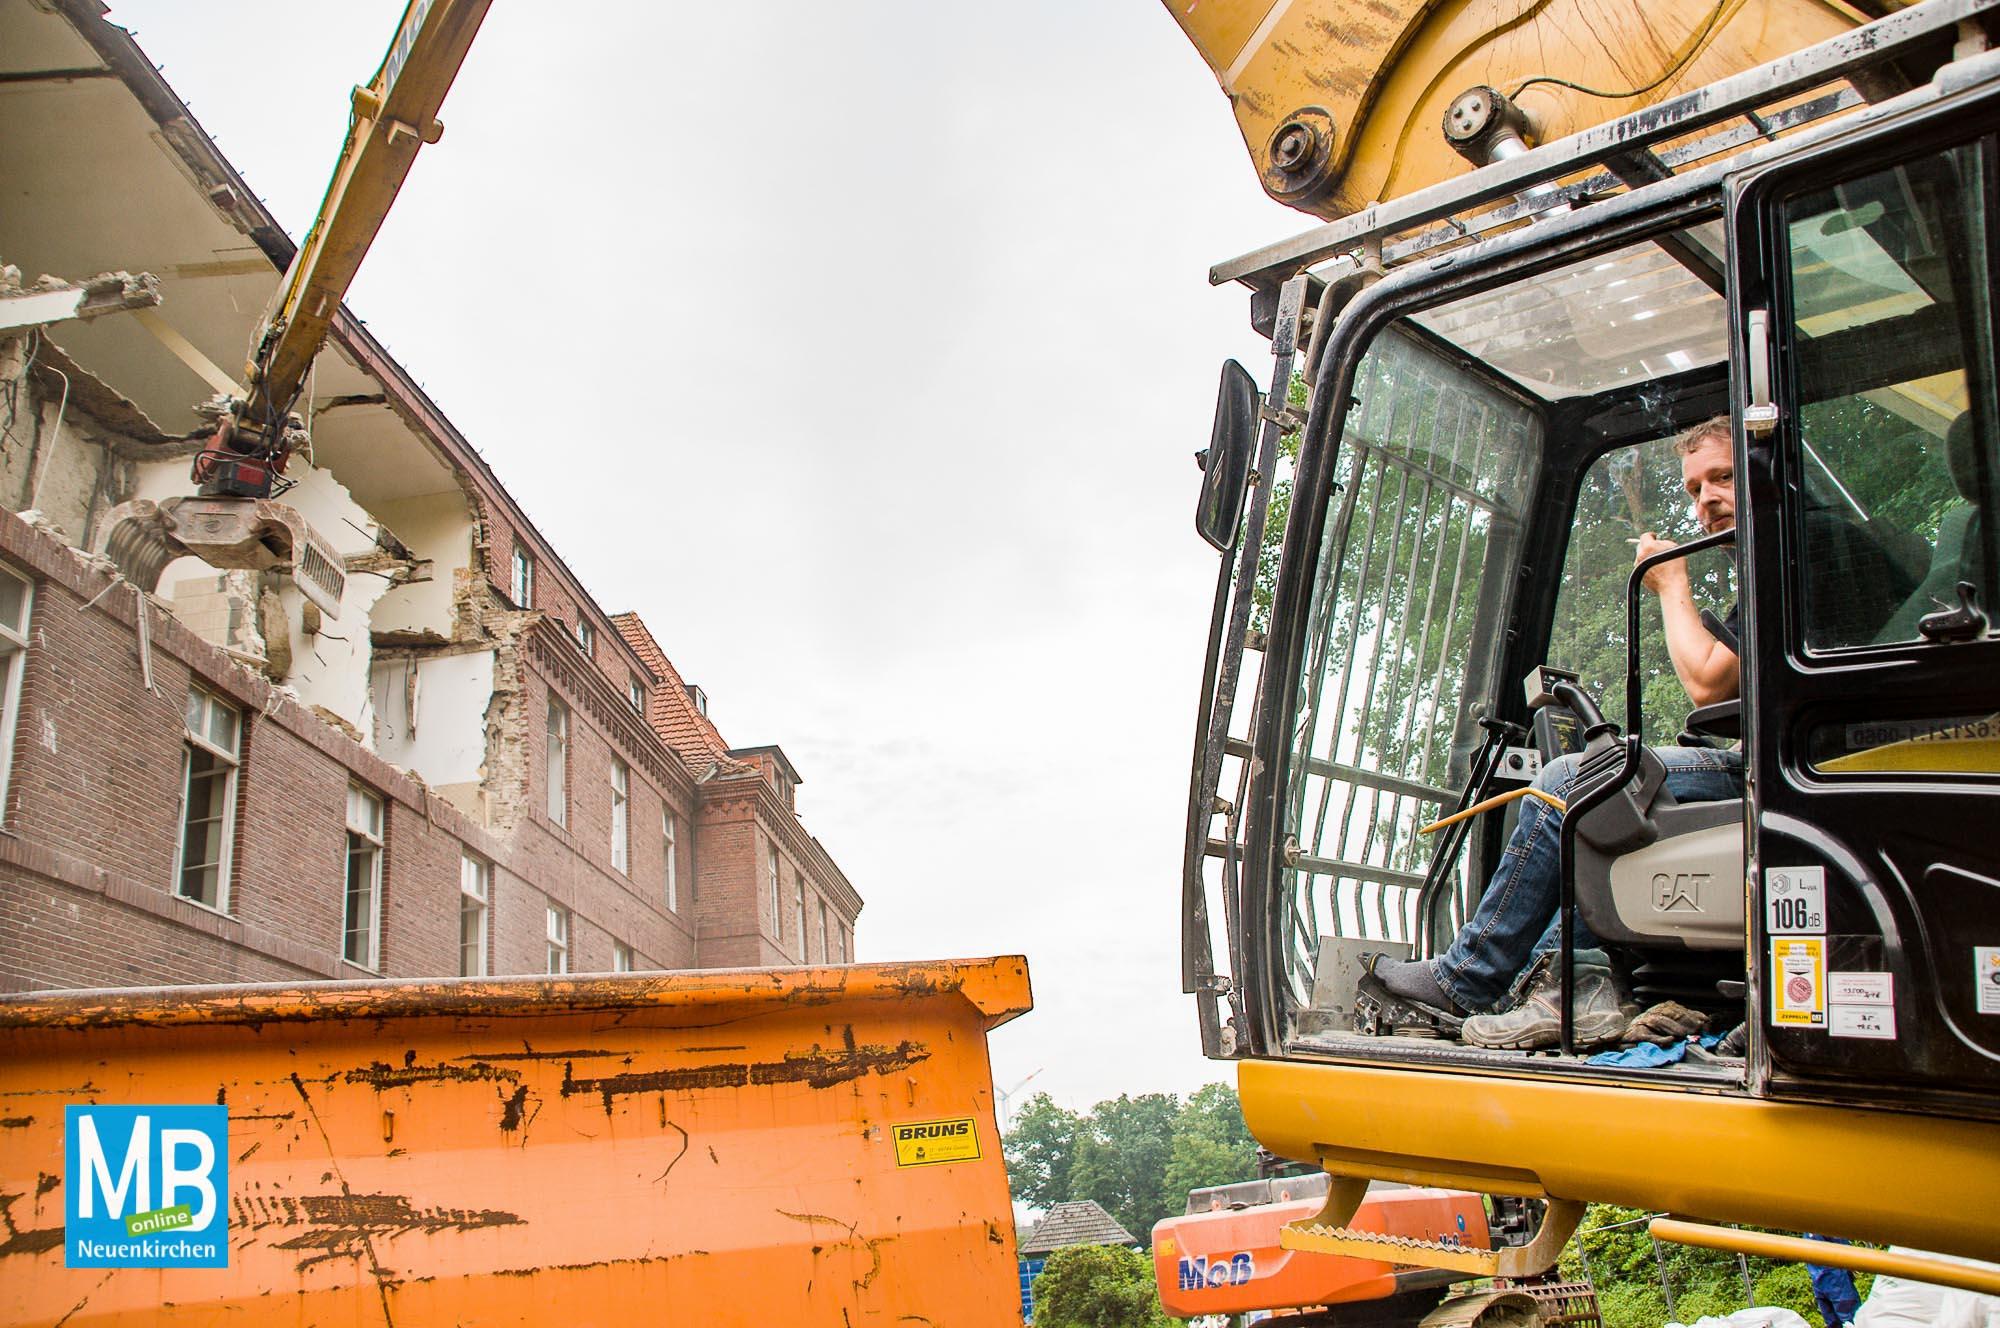 Maschinenführer Marco Stritzl hat von seinem Sitzplatz alles im Blick. Mit Gefühl lenkt er den tonnenschweren Abrissbagger dahin, wo er ihn hinhaben will. | Foto: Klausing